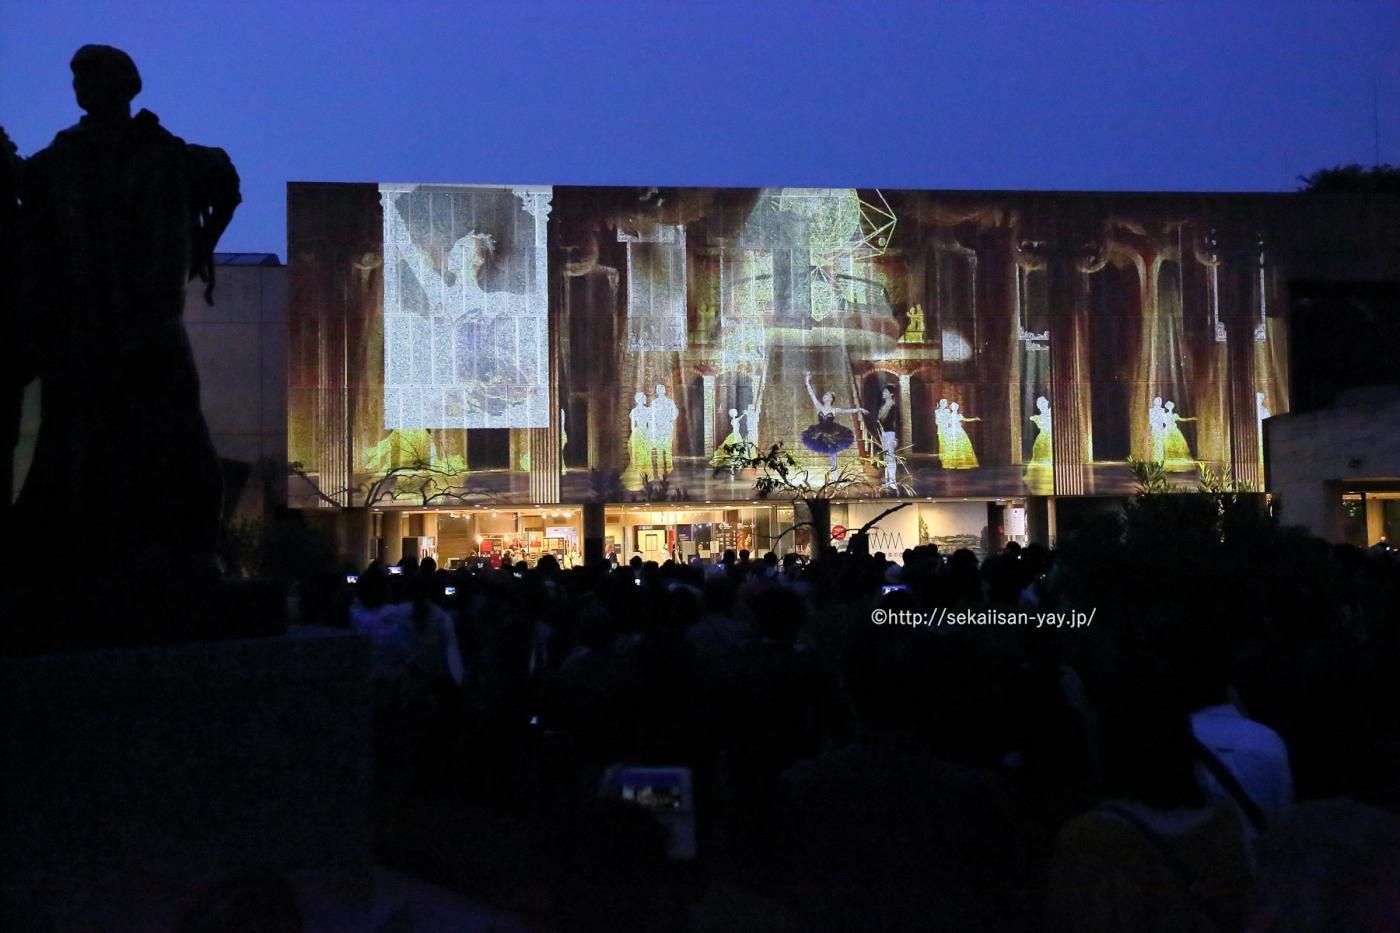 国立西洋美術館で「ル・コルビュジエ 絵画から建築へ―ピュリスムの時代」開催中